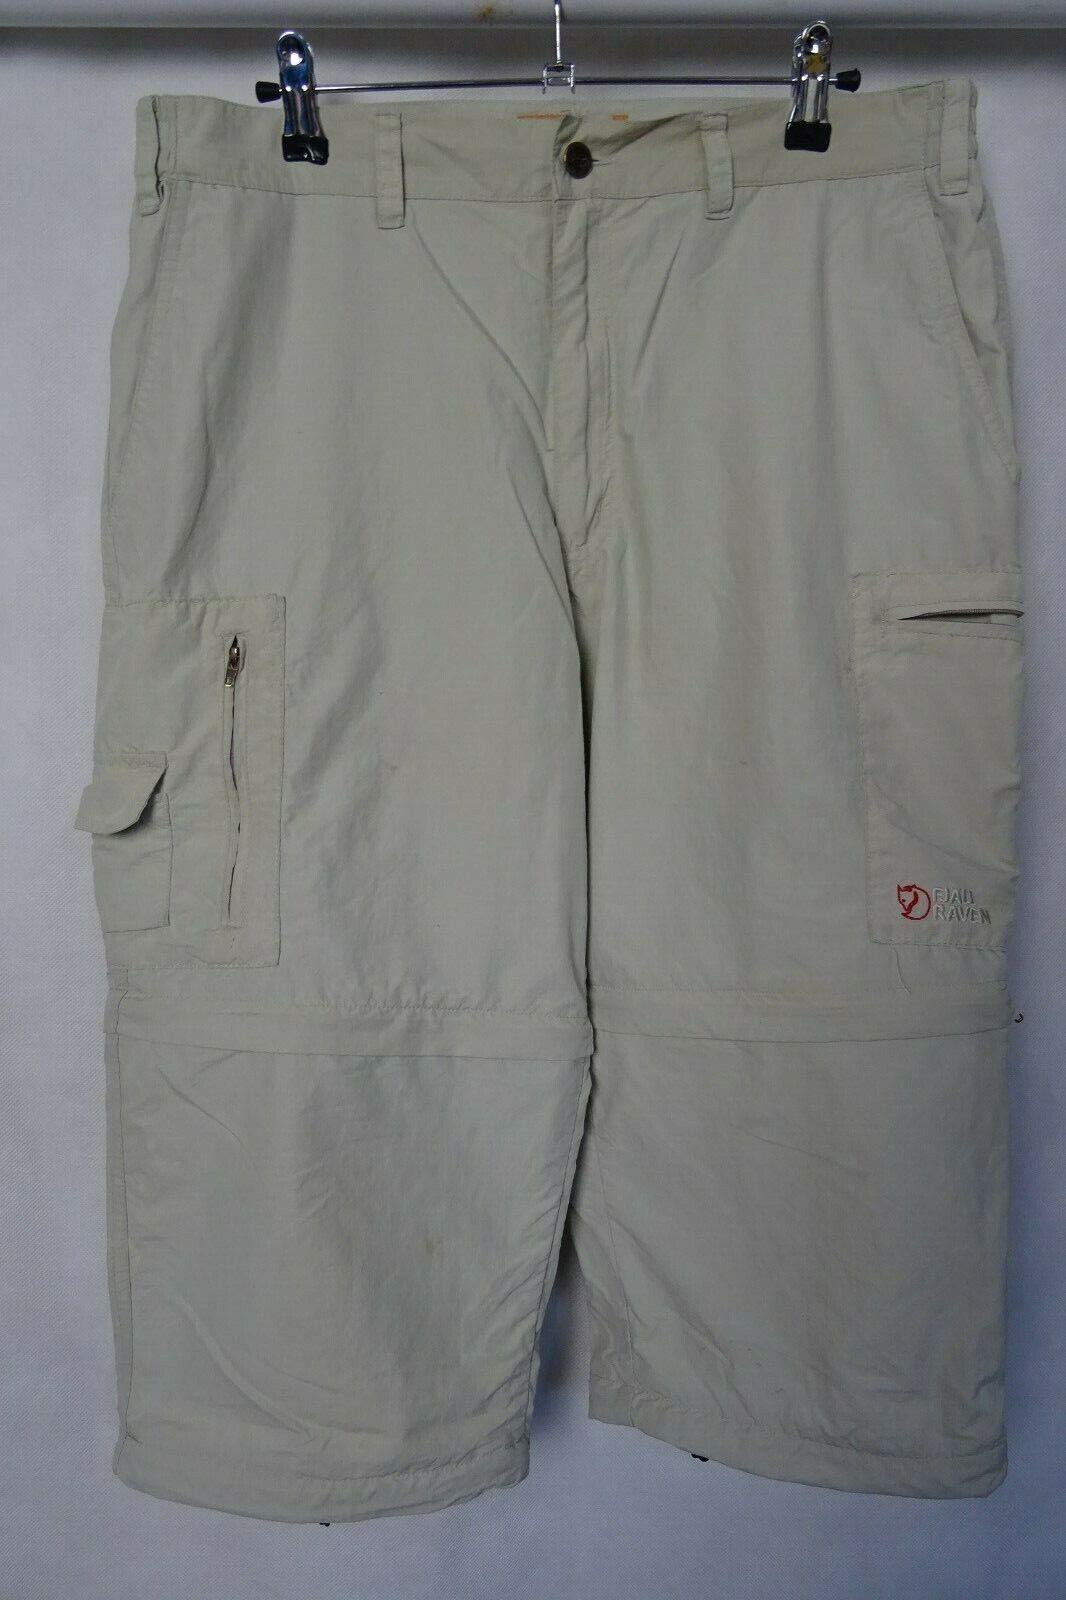 Uomo Fjällräven Outdoor 3 4 Lunghezza Pantaloni Pantaloni Pantaloni Pants W34 L18 a3272c